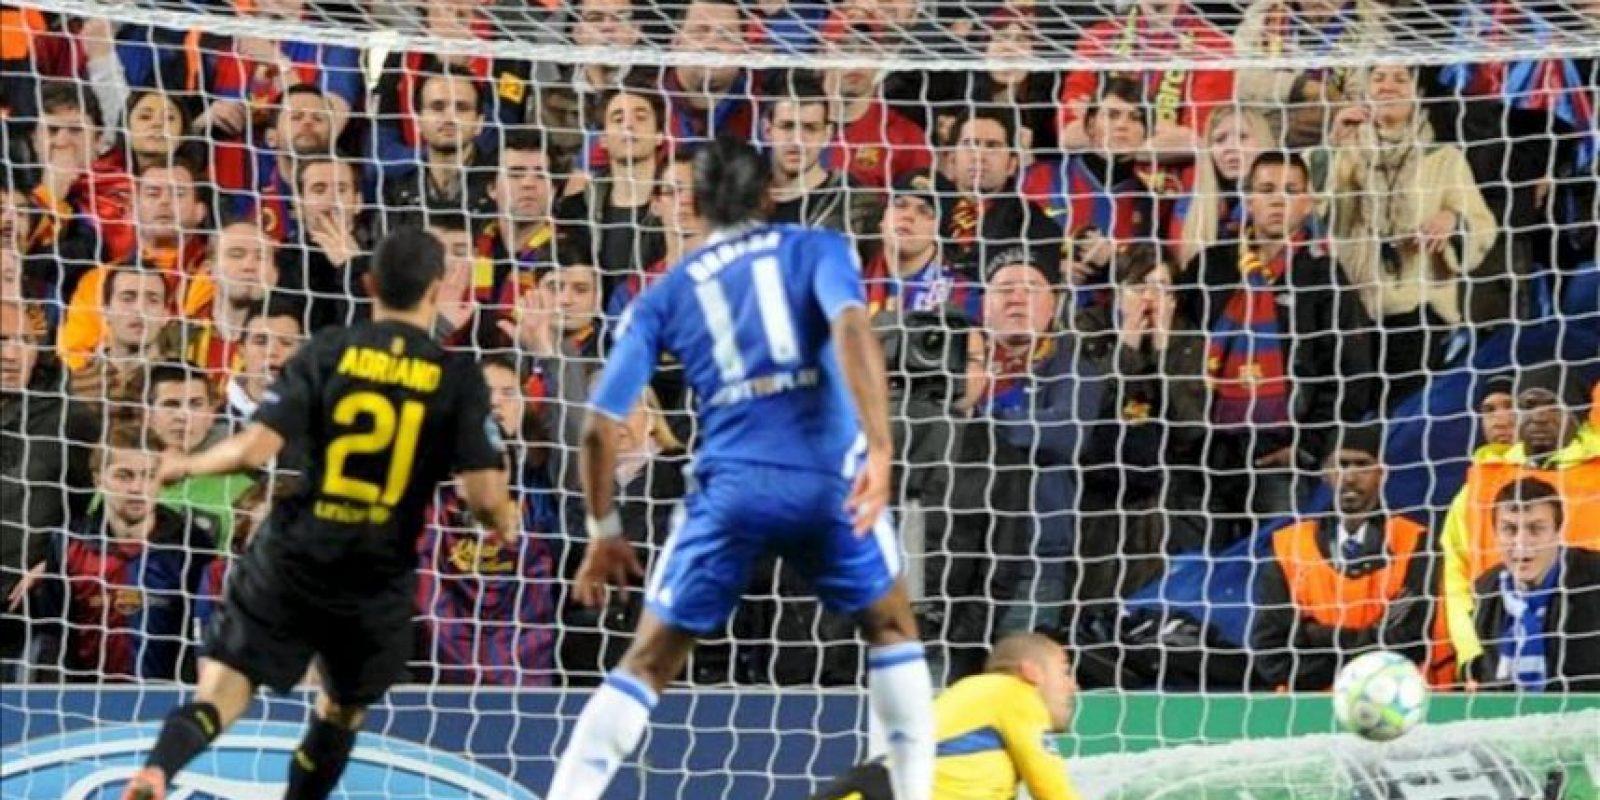 El jugador del Chelsea, Didier Drogba (c), anota ante el arquero del Barcelona Victor Valdés y el jugador Adriano (i), en el juego de ida de la semifinal de la Liga de Campeones, que se disputa en el Stamford Bridge de Londres (Reino Unido). EFE